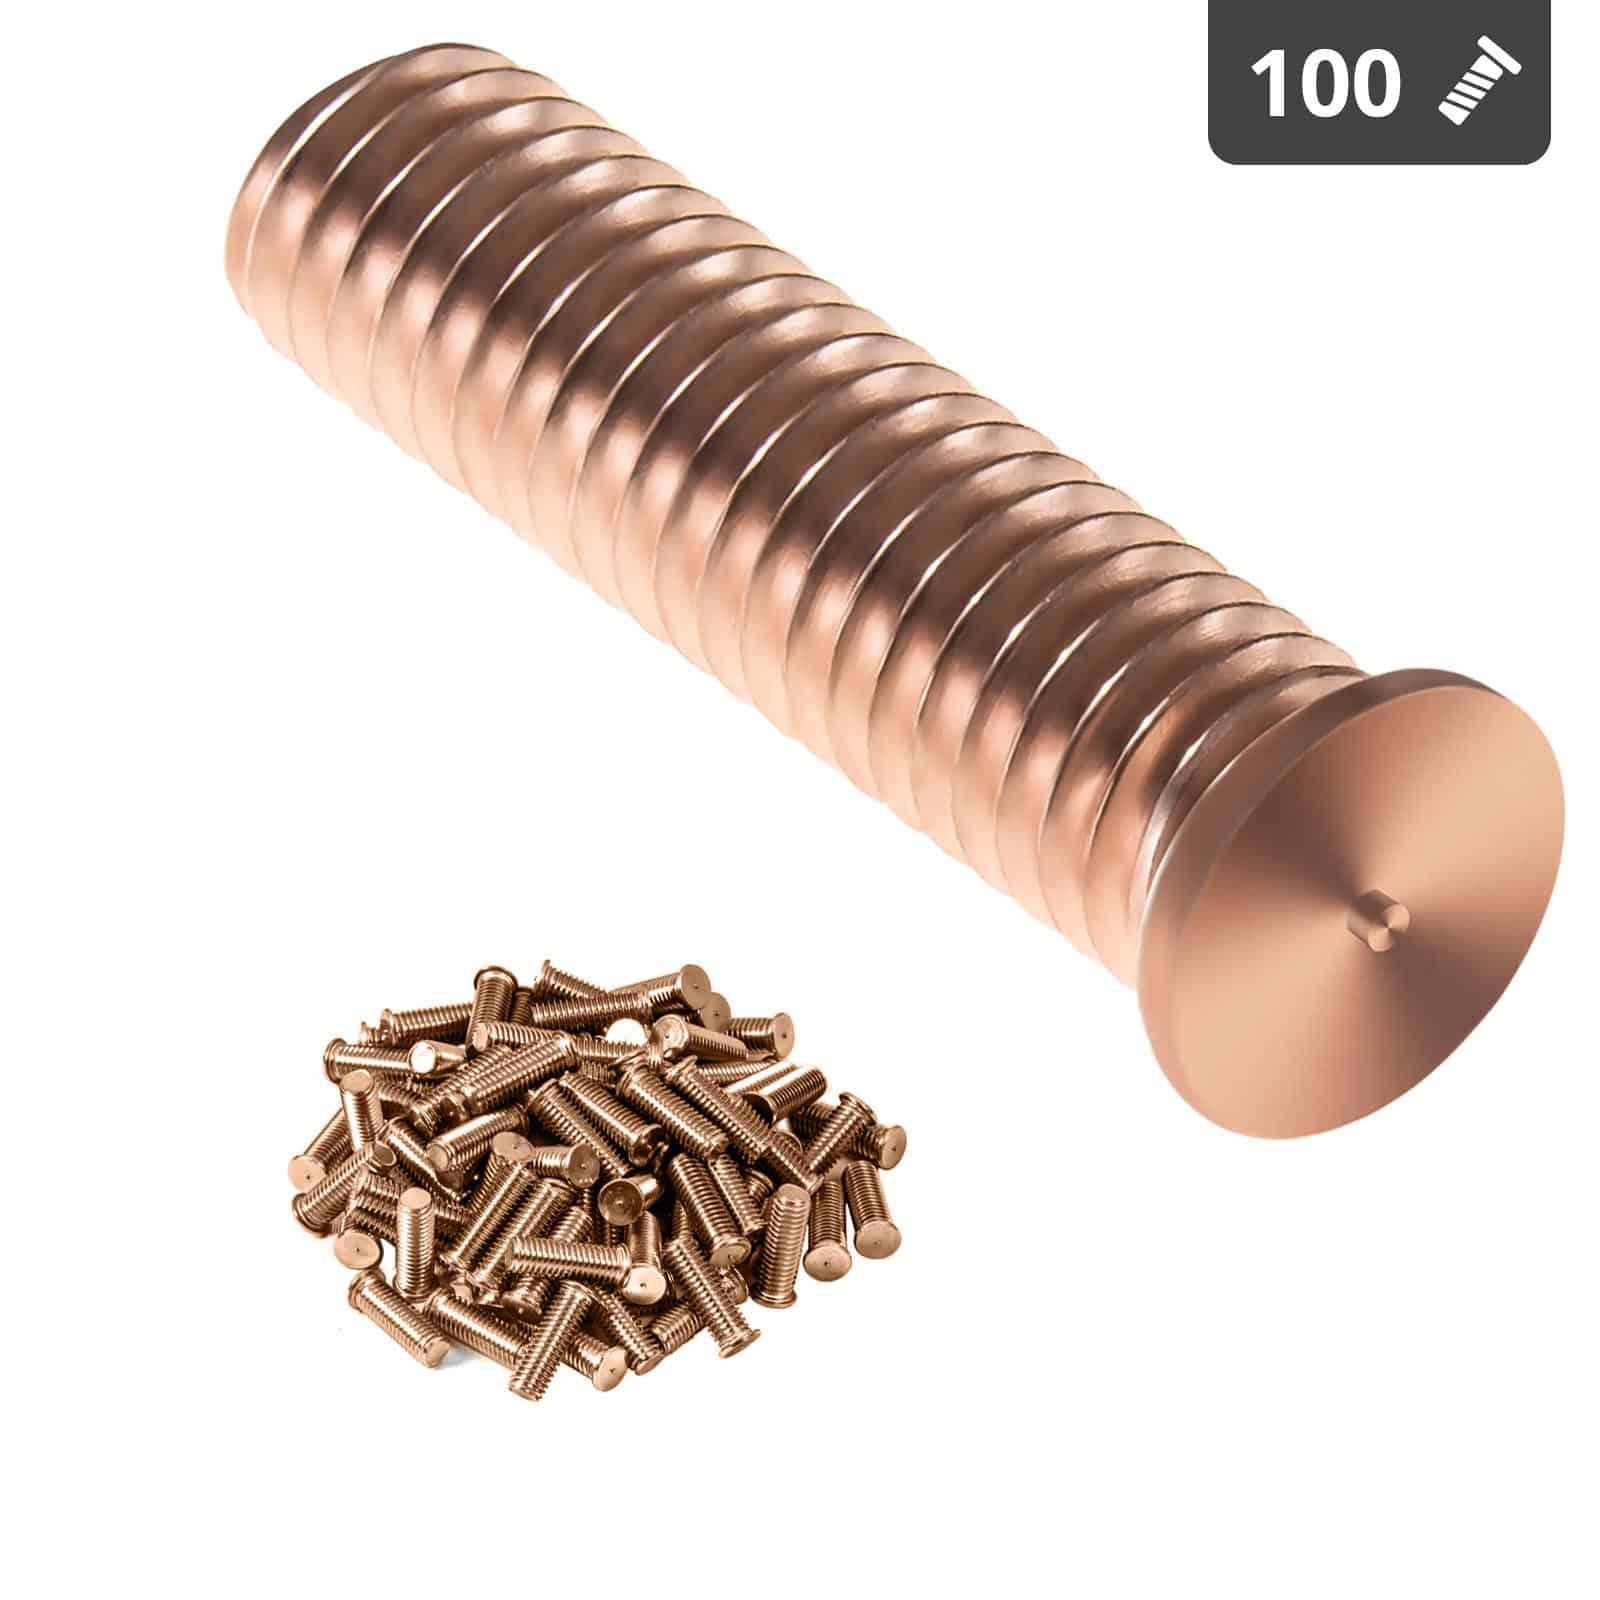 Kołki do zgrzewania - M5 - 20 mm - 100 sztuk